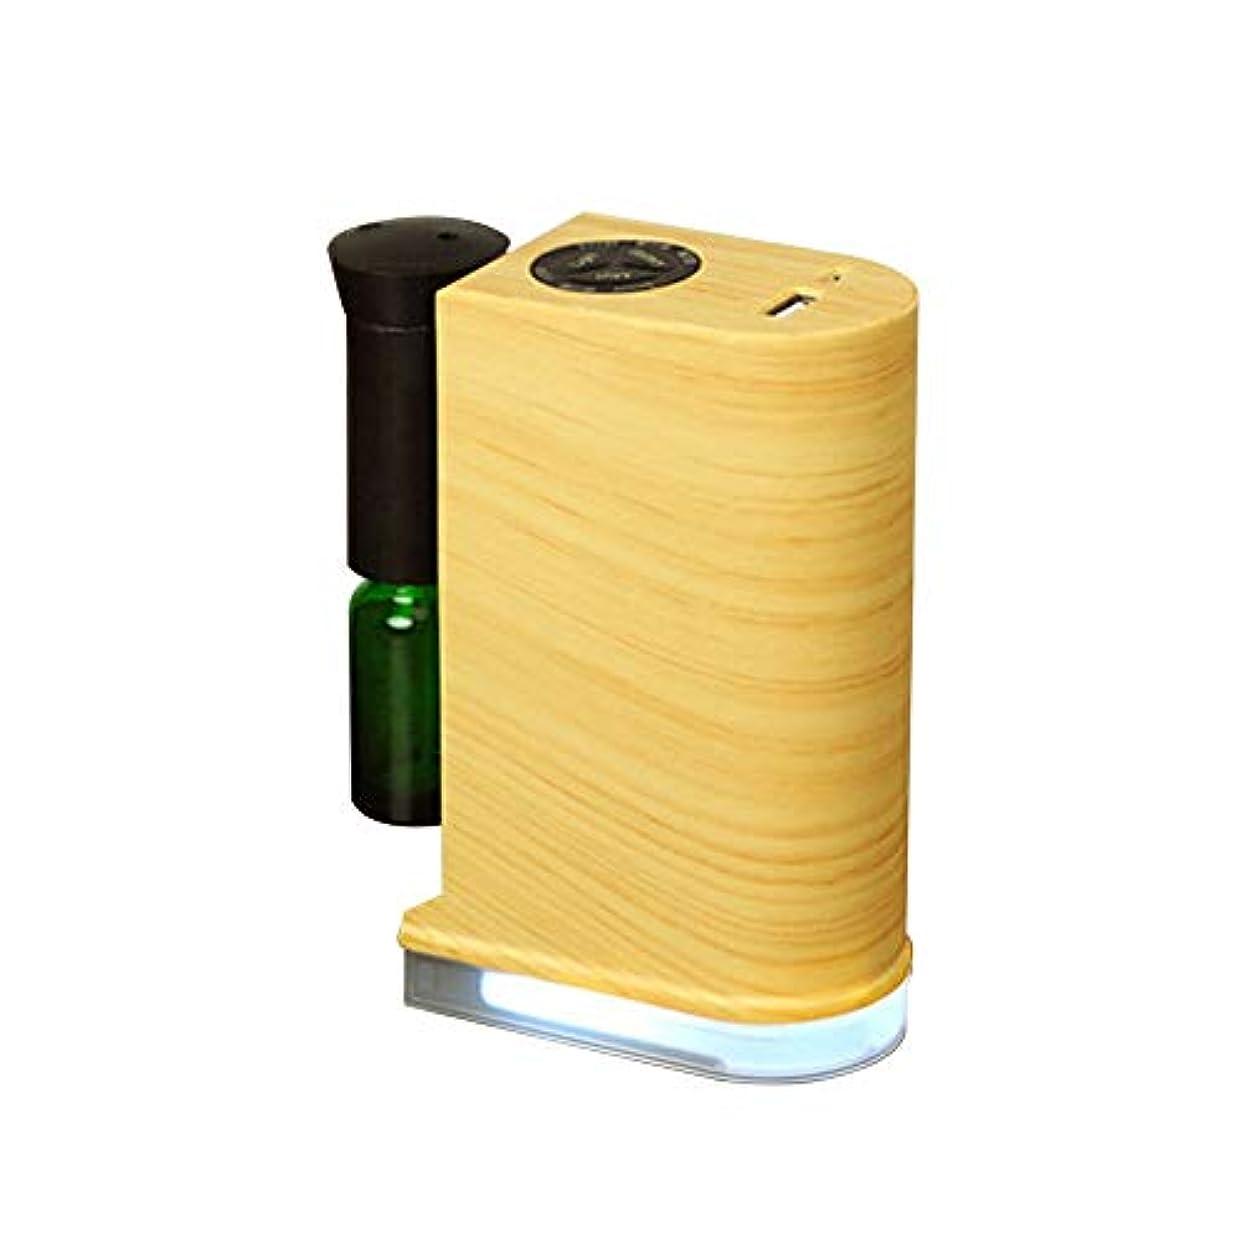 反逆垂直肘アロマディフューザー 木目調 ネブライザー式 USBポート付き 癒しの空間 卓上 アロマライト アロマオイル スマホ充電可能 オフィス リビング ナチュラル